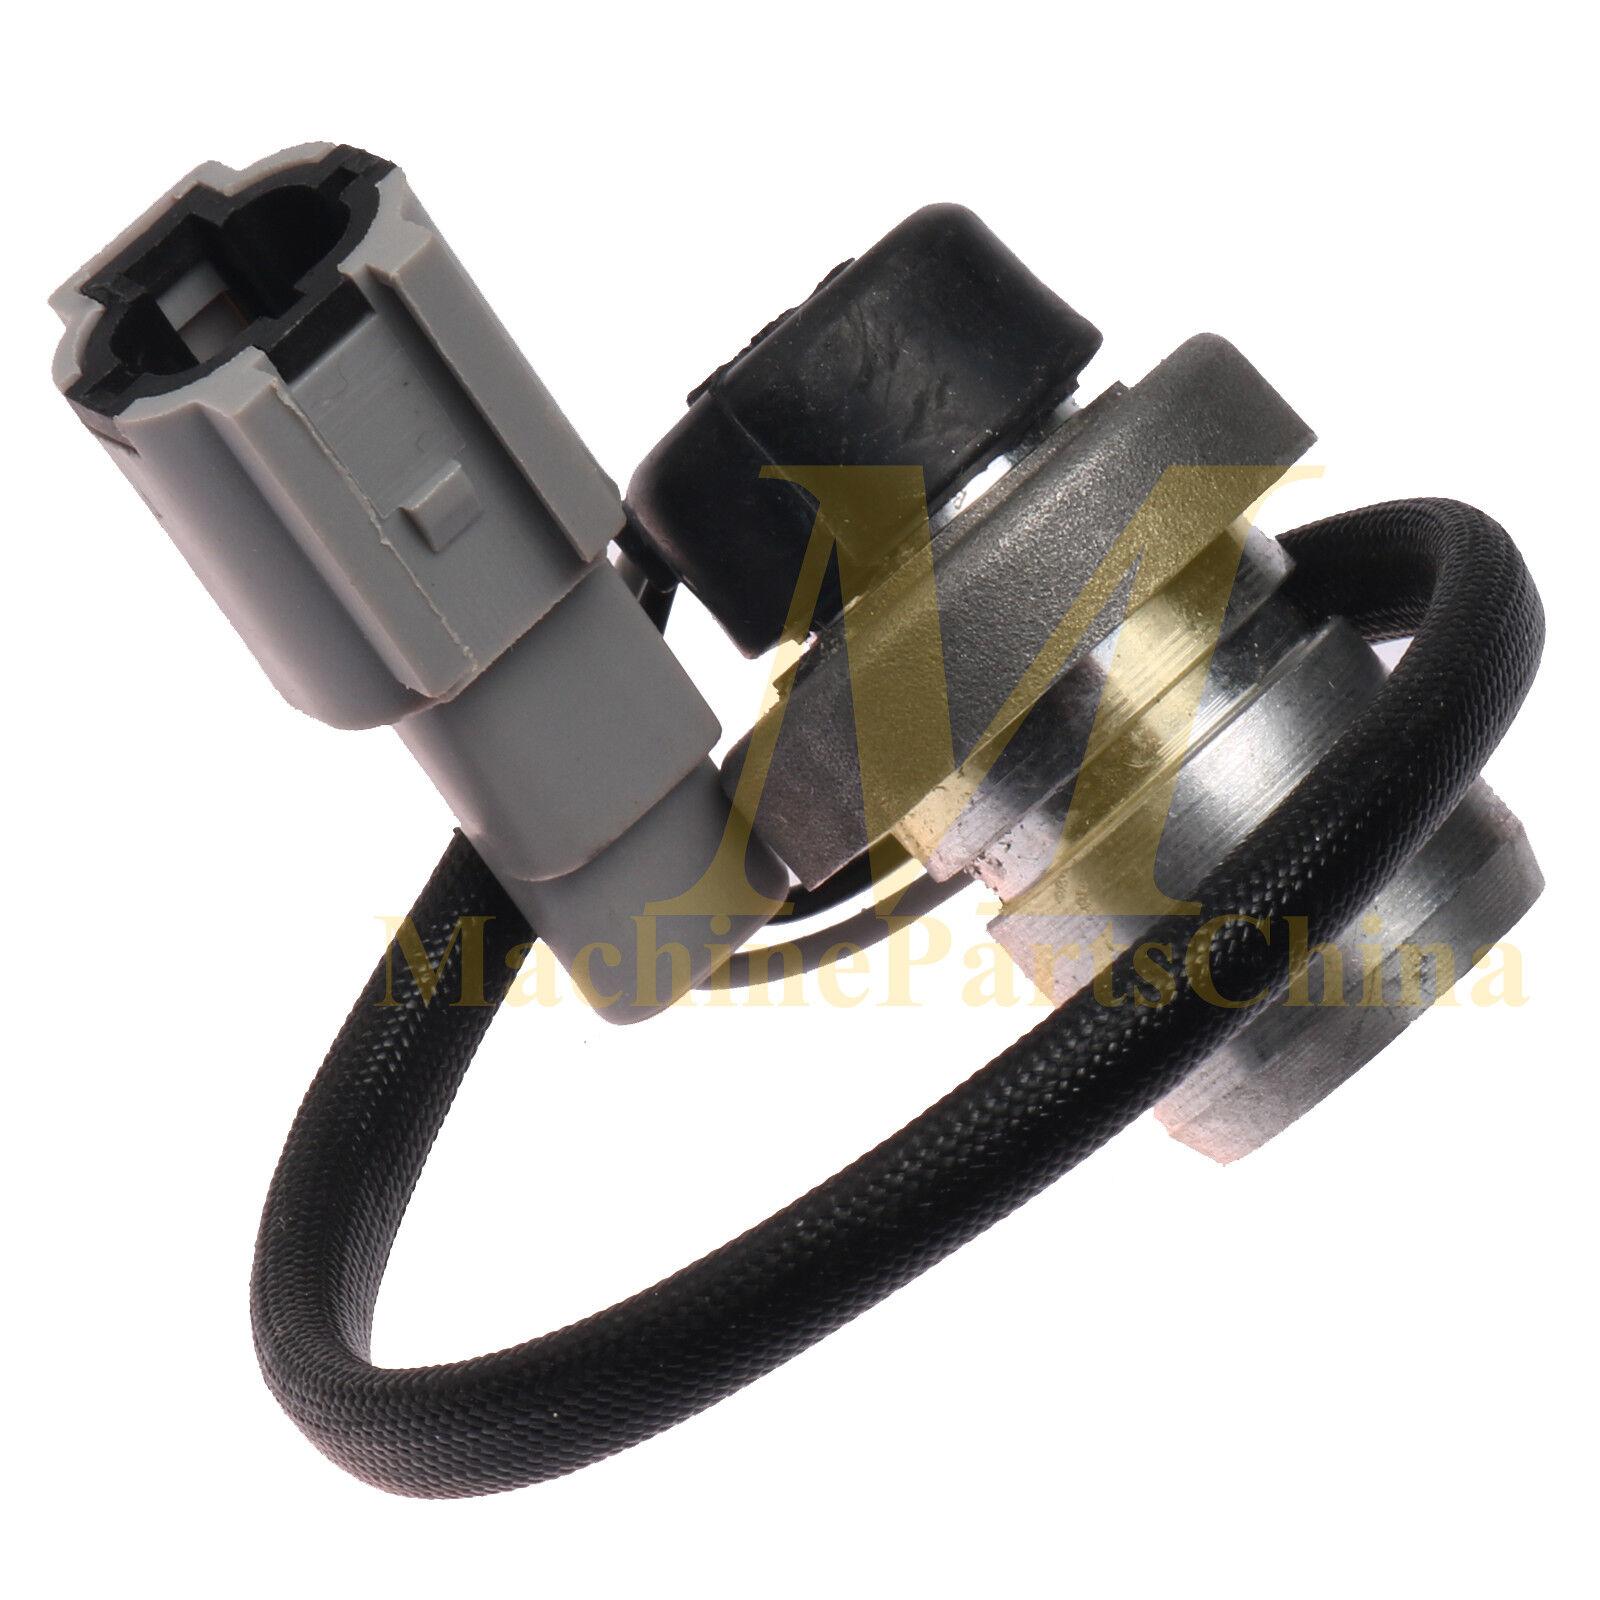 4265372 RPM Sensor For John Deere JD110 120 160C 200C 330CLC 490E 790ELC 892E